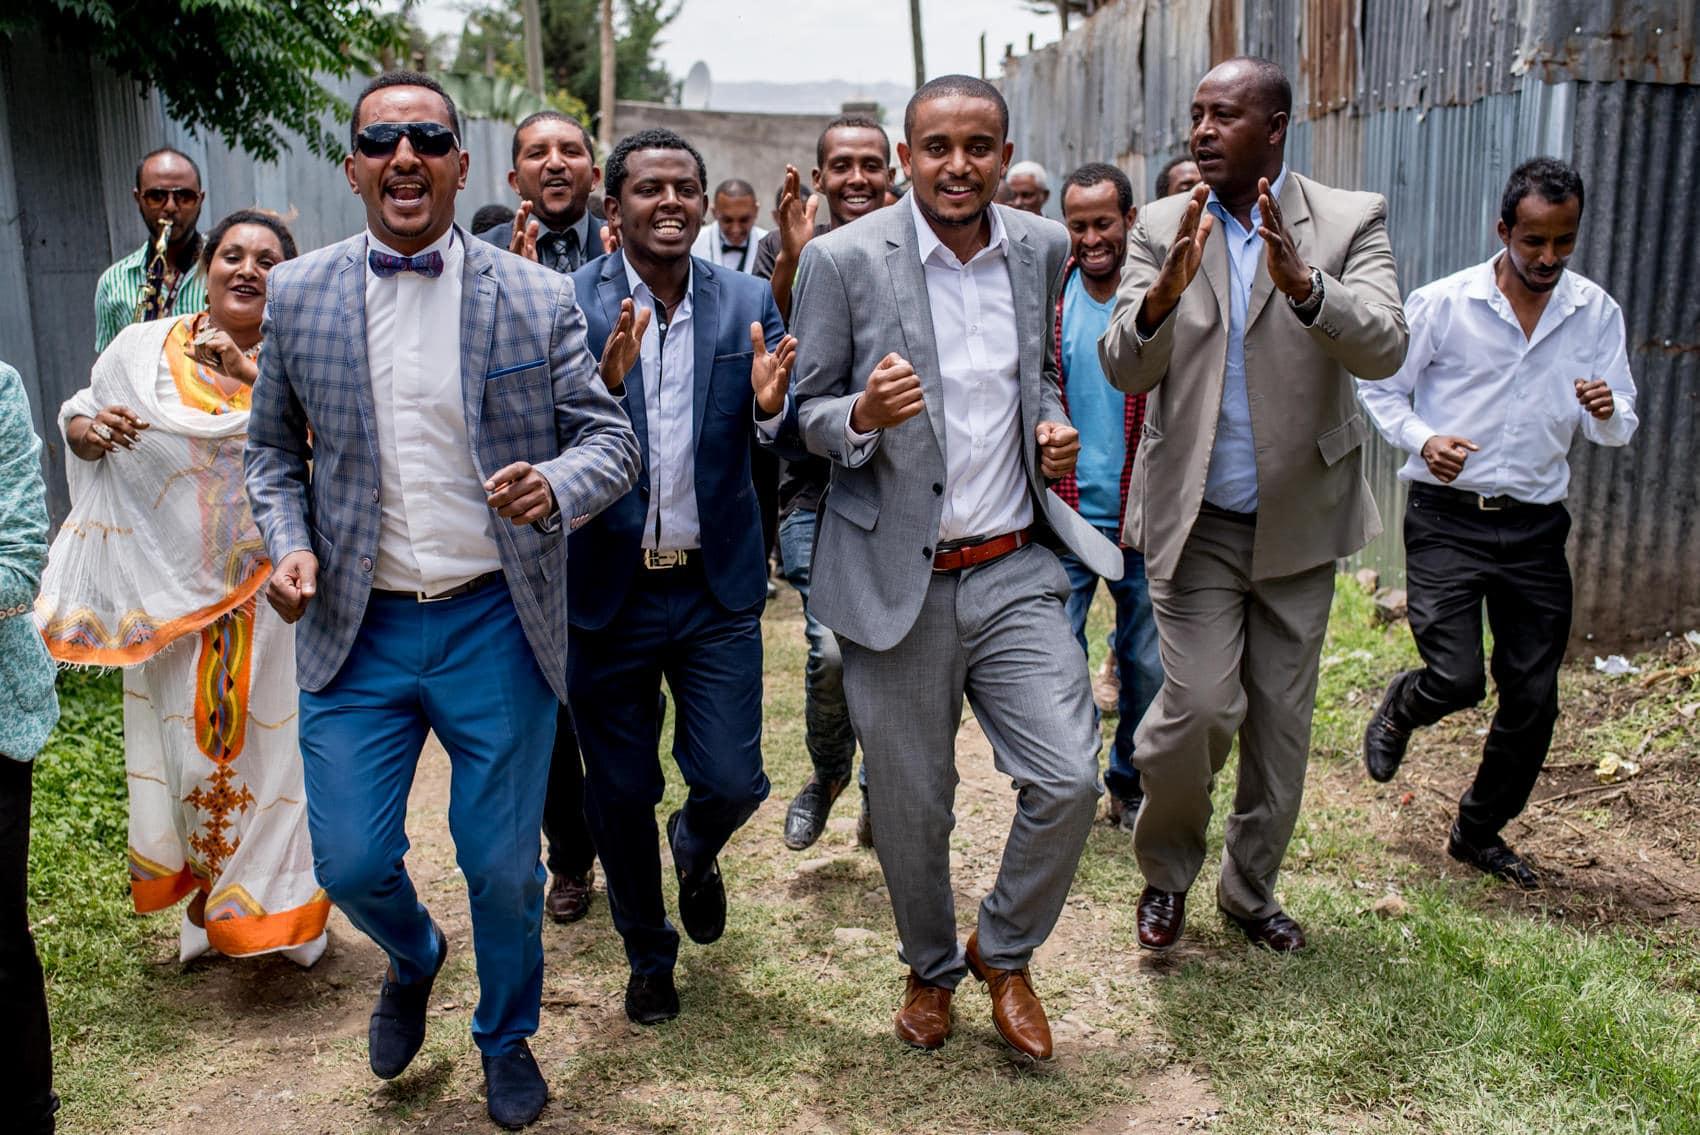 Ethiopian groom wedding celebrations